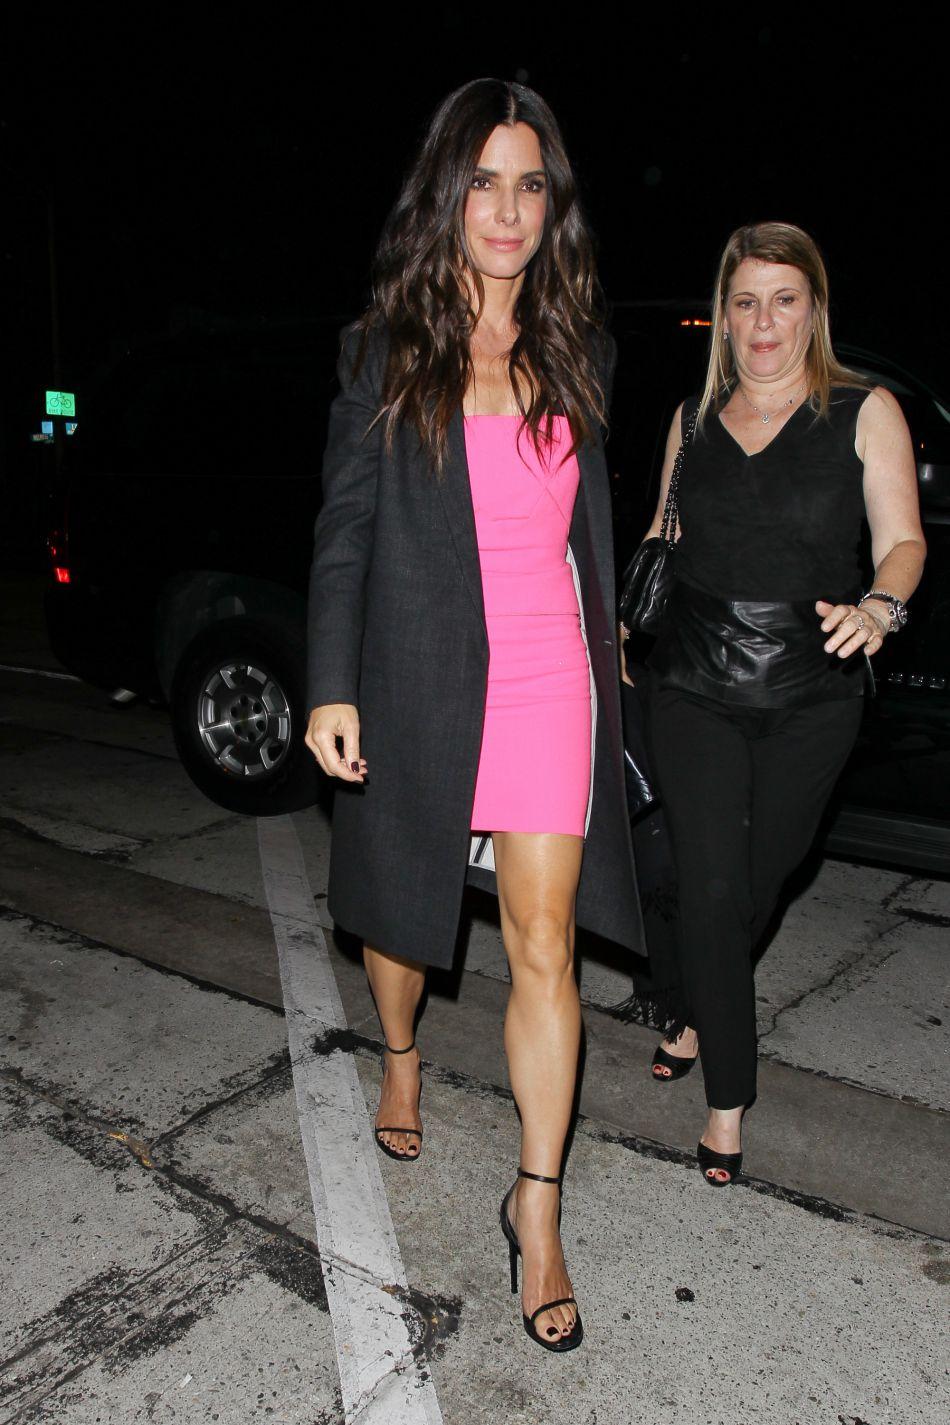 Juin 2014 : élue femme la plus sexy à la cérémonie Guy'sCchoice Awards, elle mise tout sur une robe bustier rose. Qui a dit que le 1er degré n'était pas sexy ?